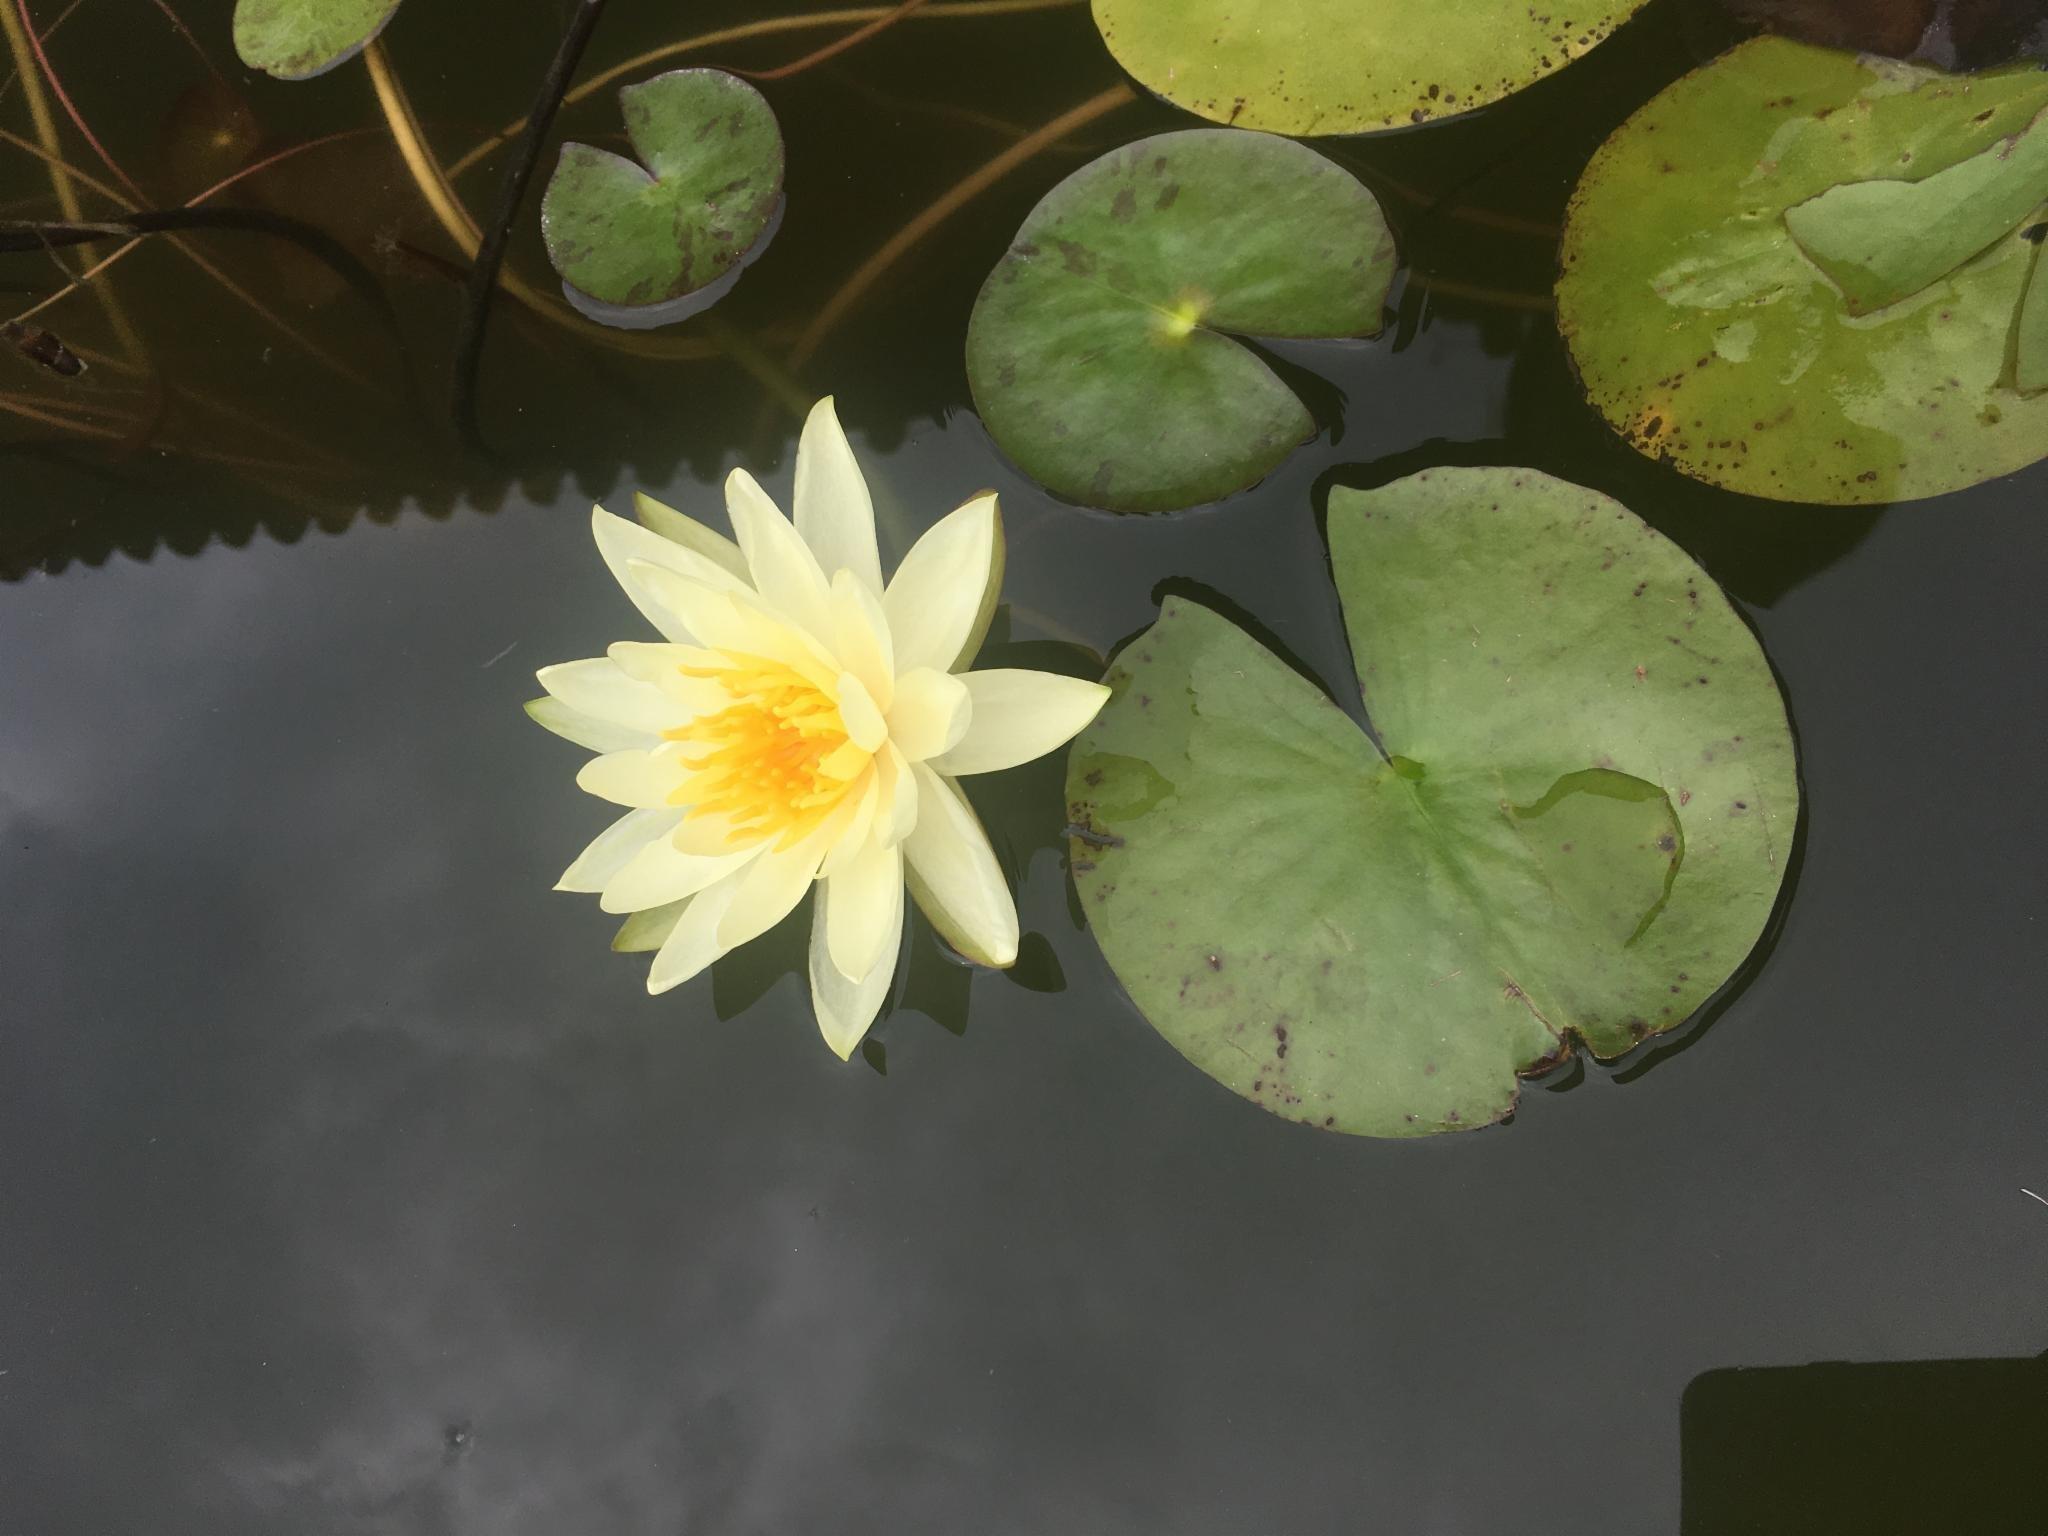 随心的辽西之旅——锦州、阜新古迹探寻